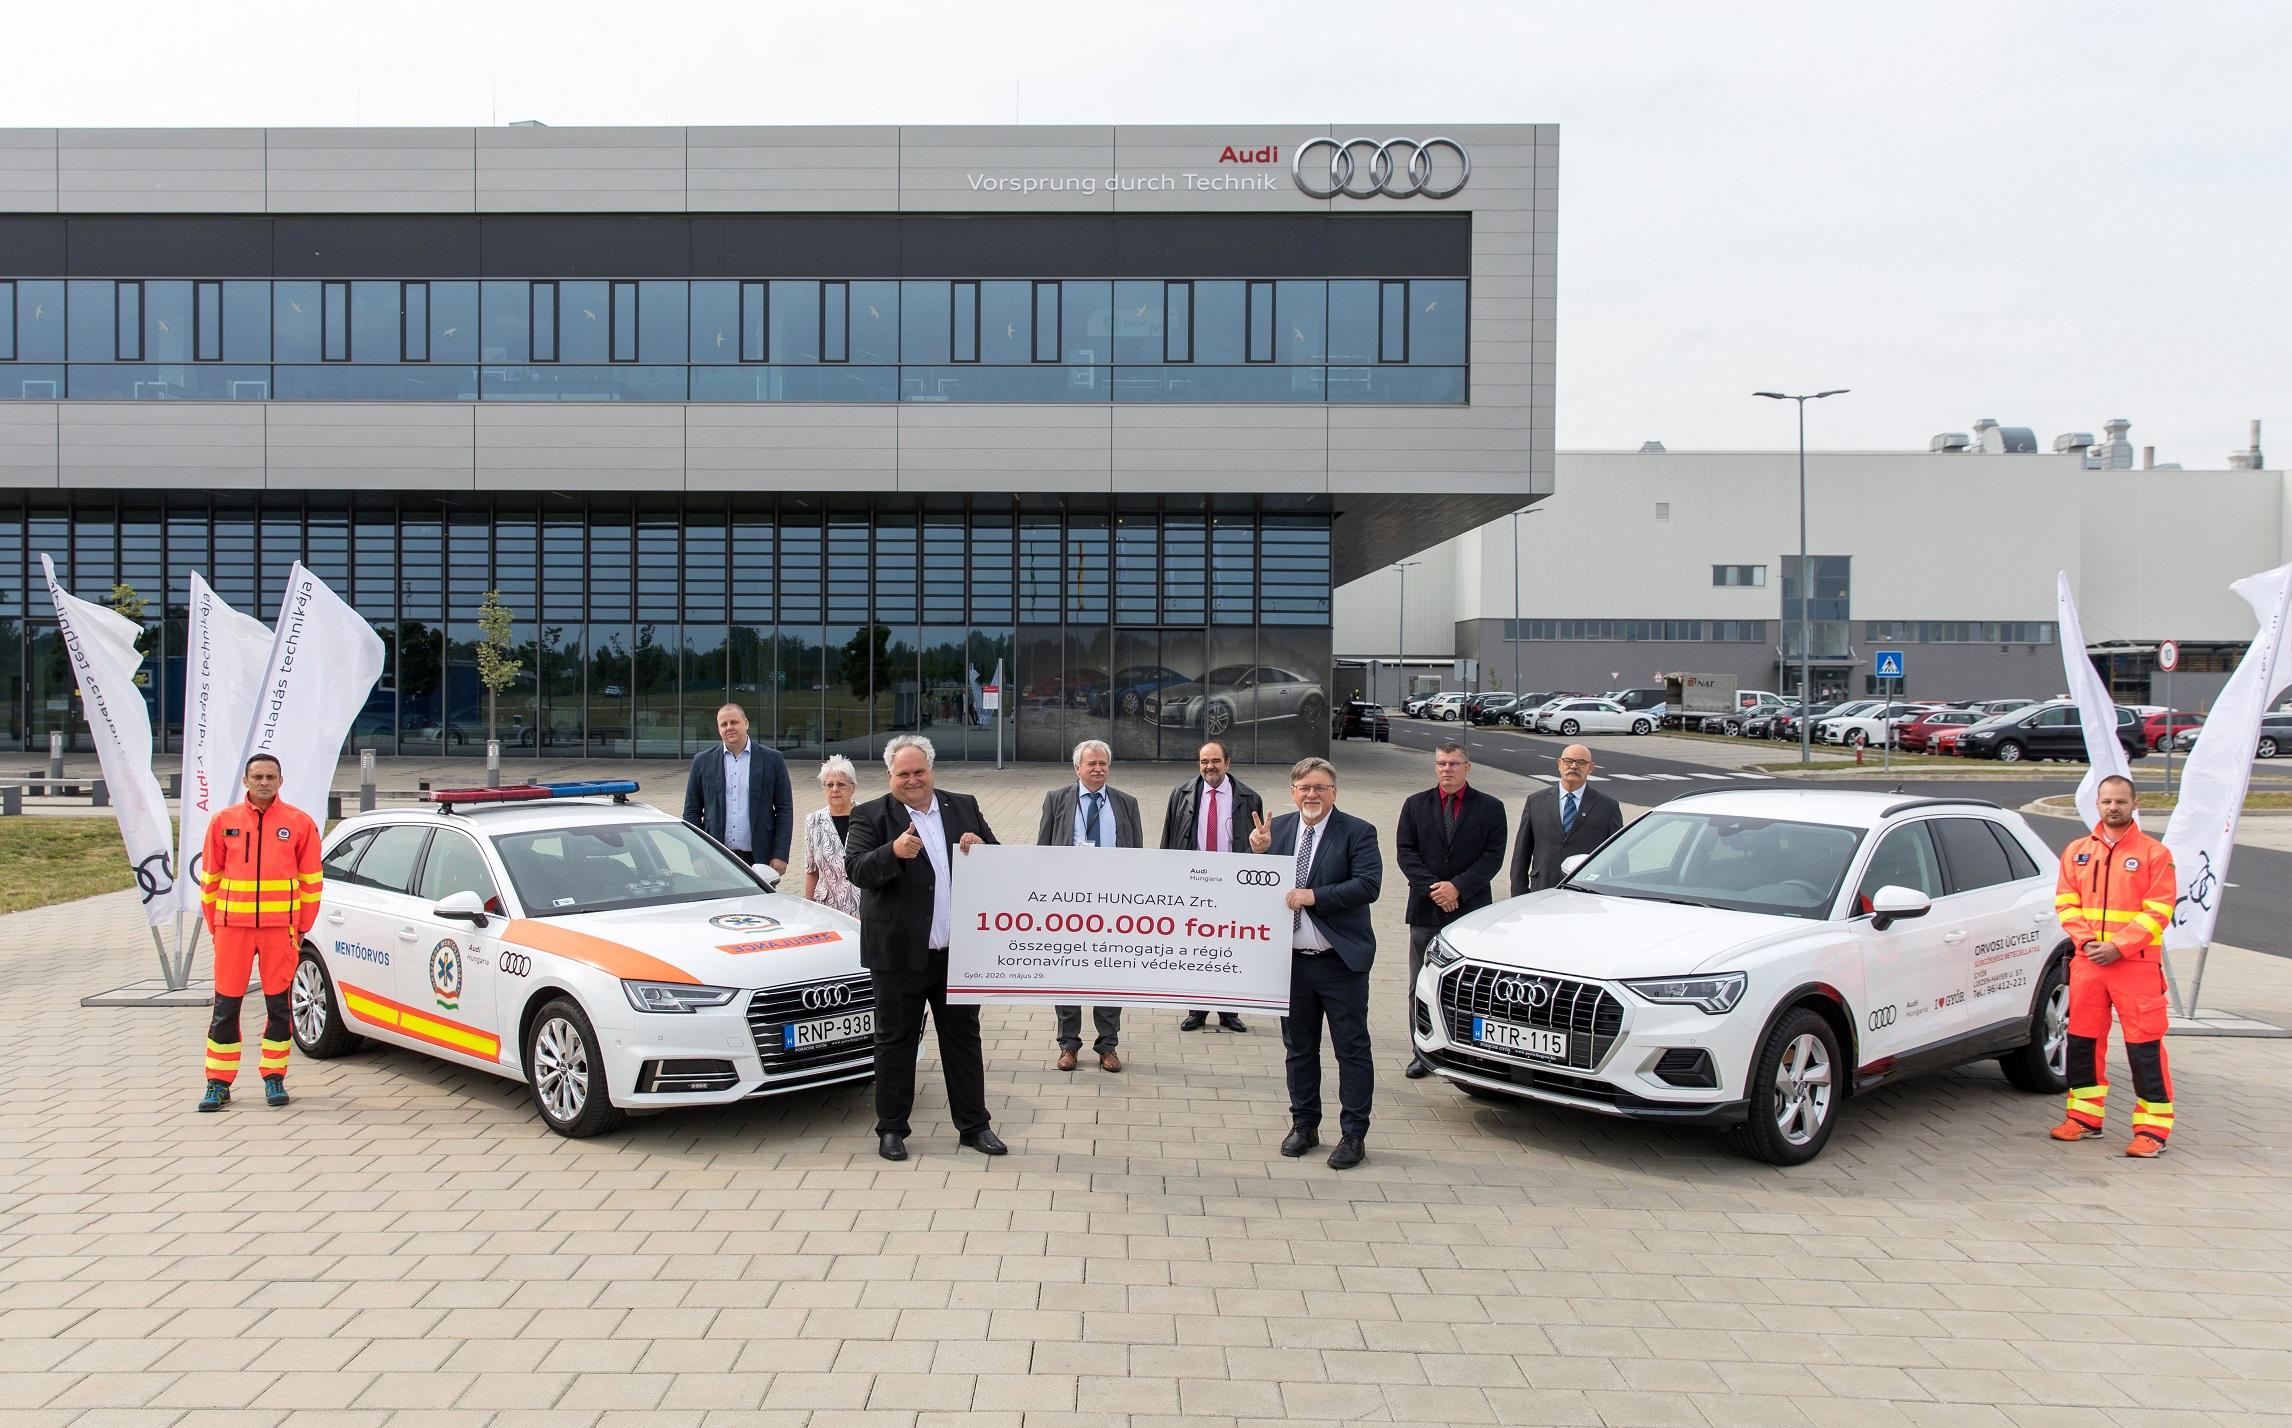 Audi Hungaria unterstützt mit 100 Millionen Forint den Kampf gegen Corona in der Region post's picture